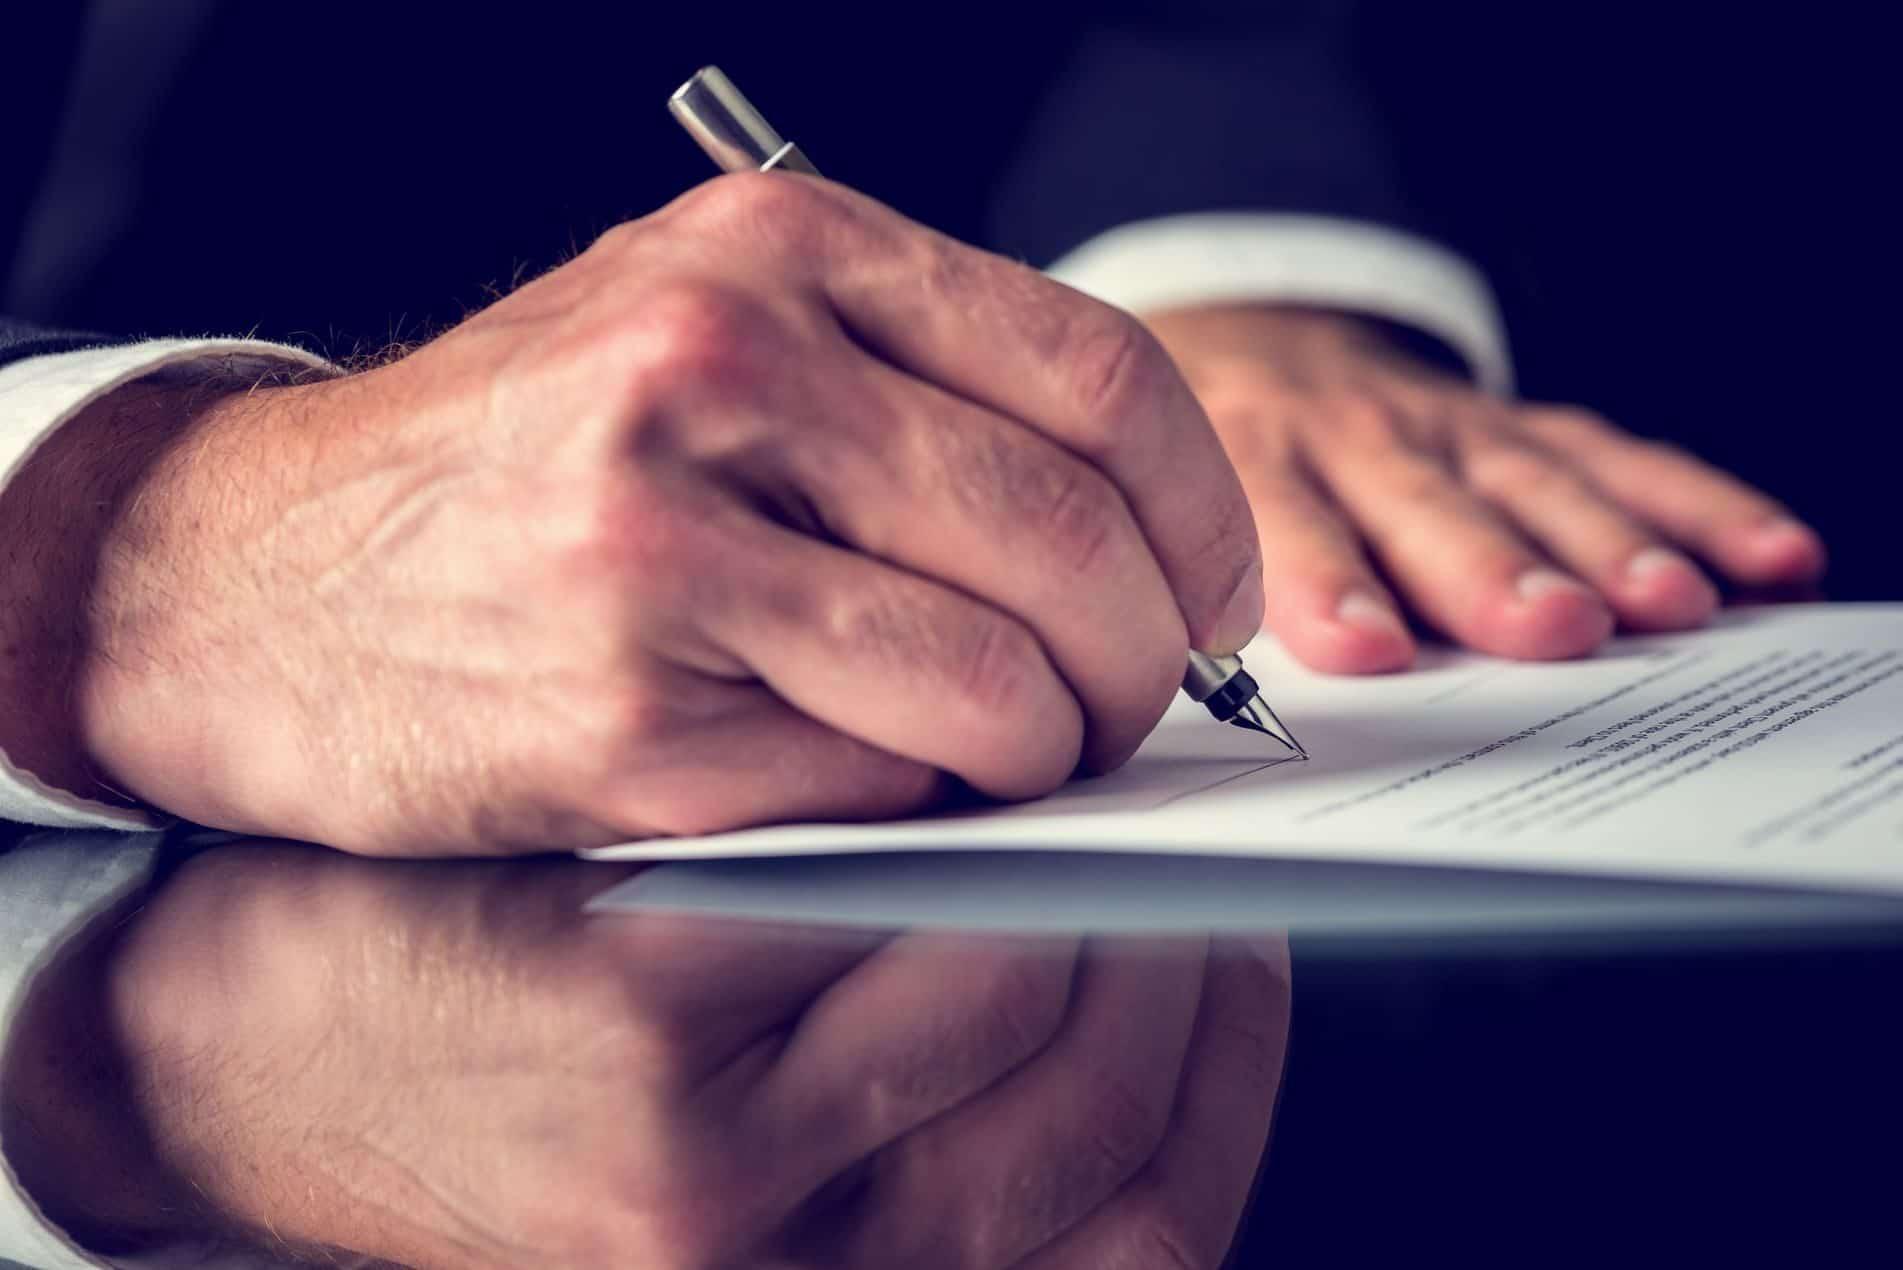 """נכשל ניסיון להשטלת על החברה ולגבות """"חוב"""" באמצעות """"הסכם הלוואה"""" פיקטיבי"""